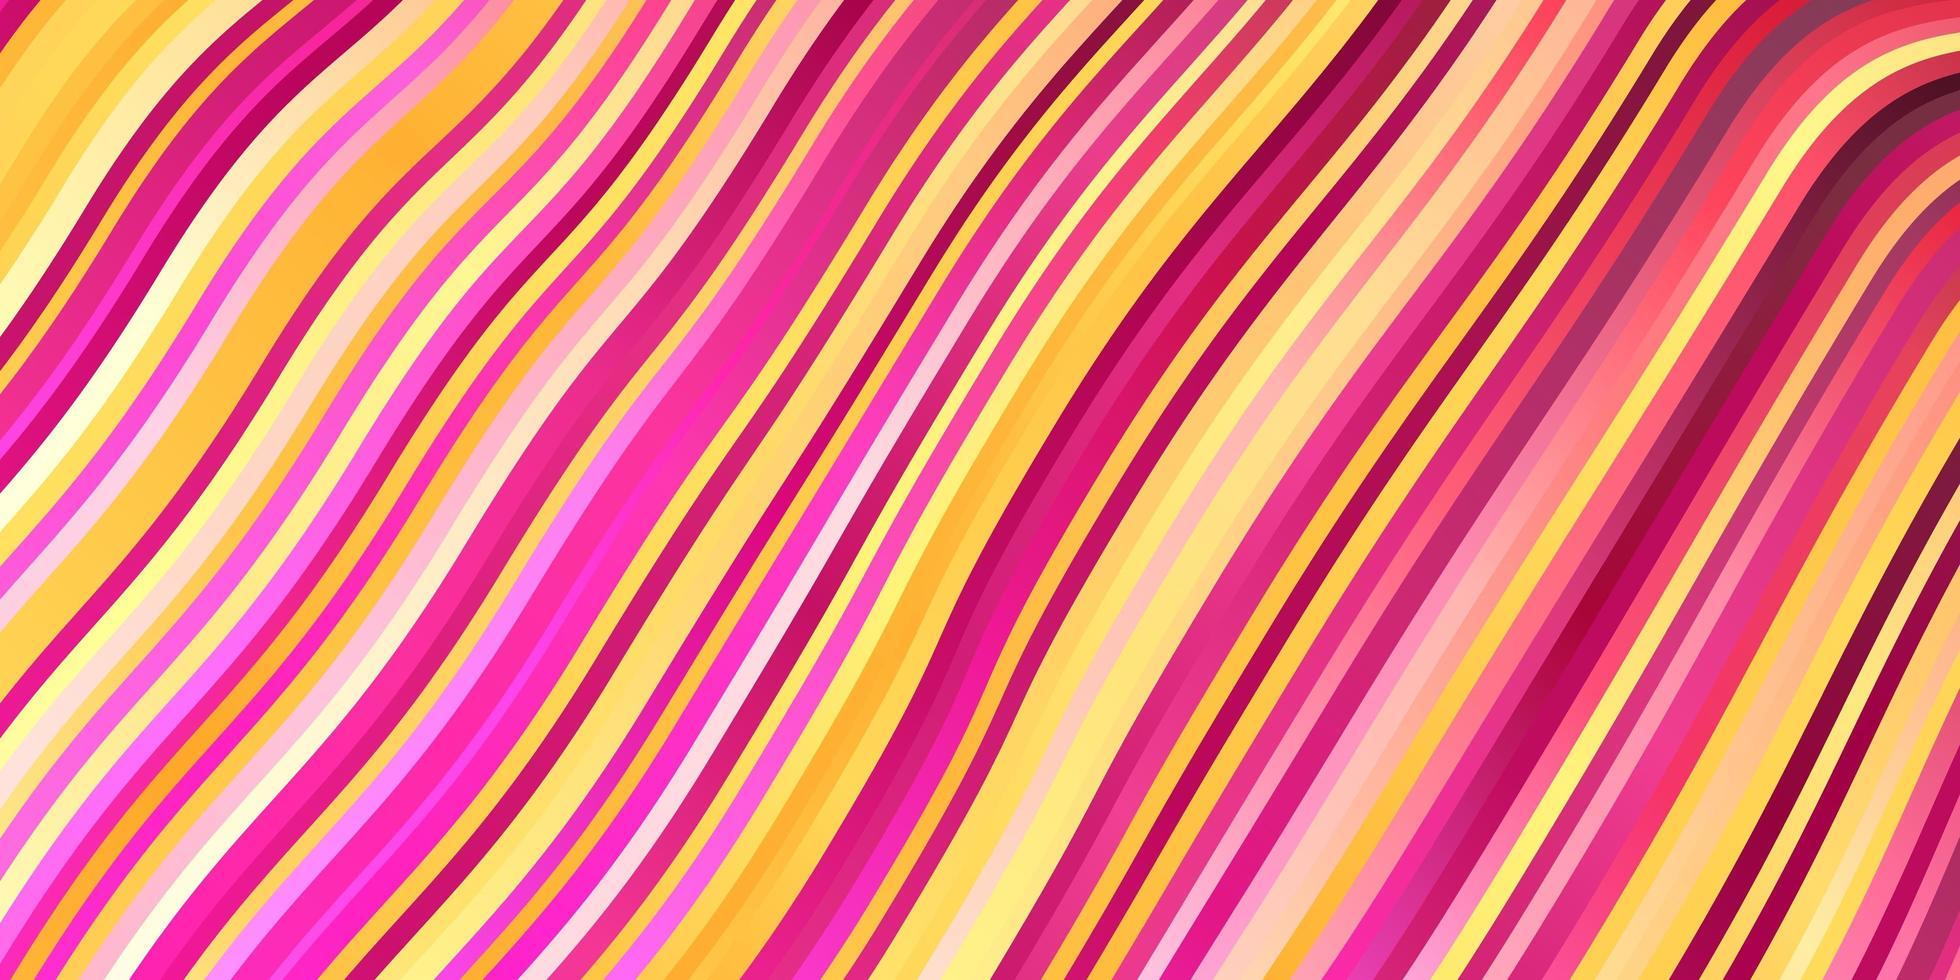 padrão de vetor rosa e amarelo claro com linhas irônicas.